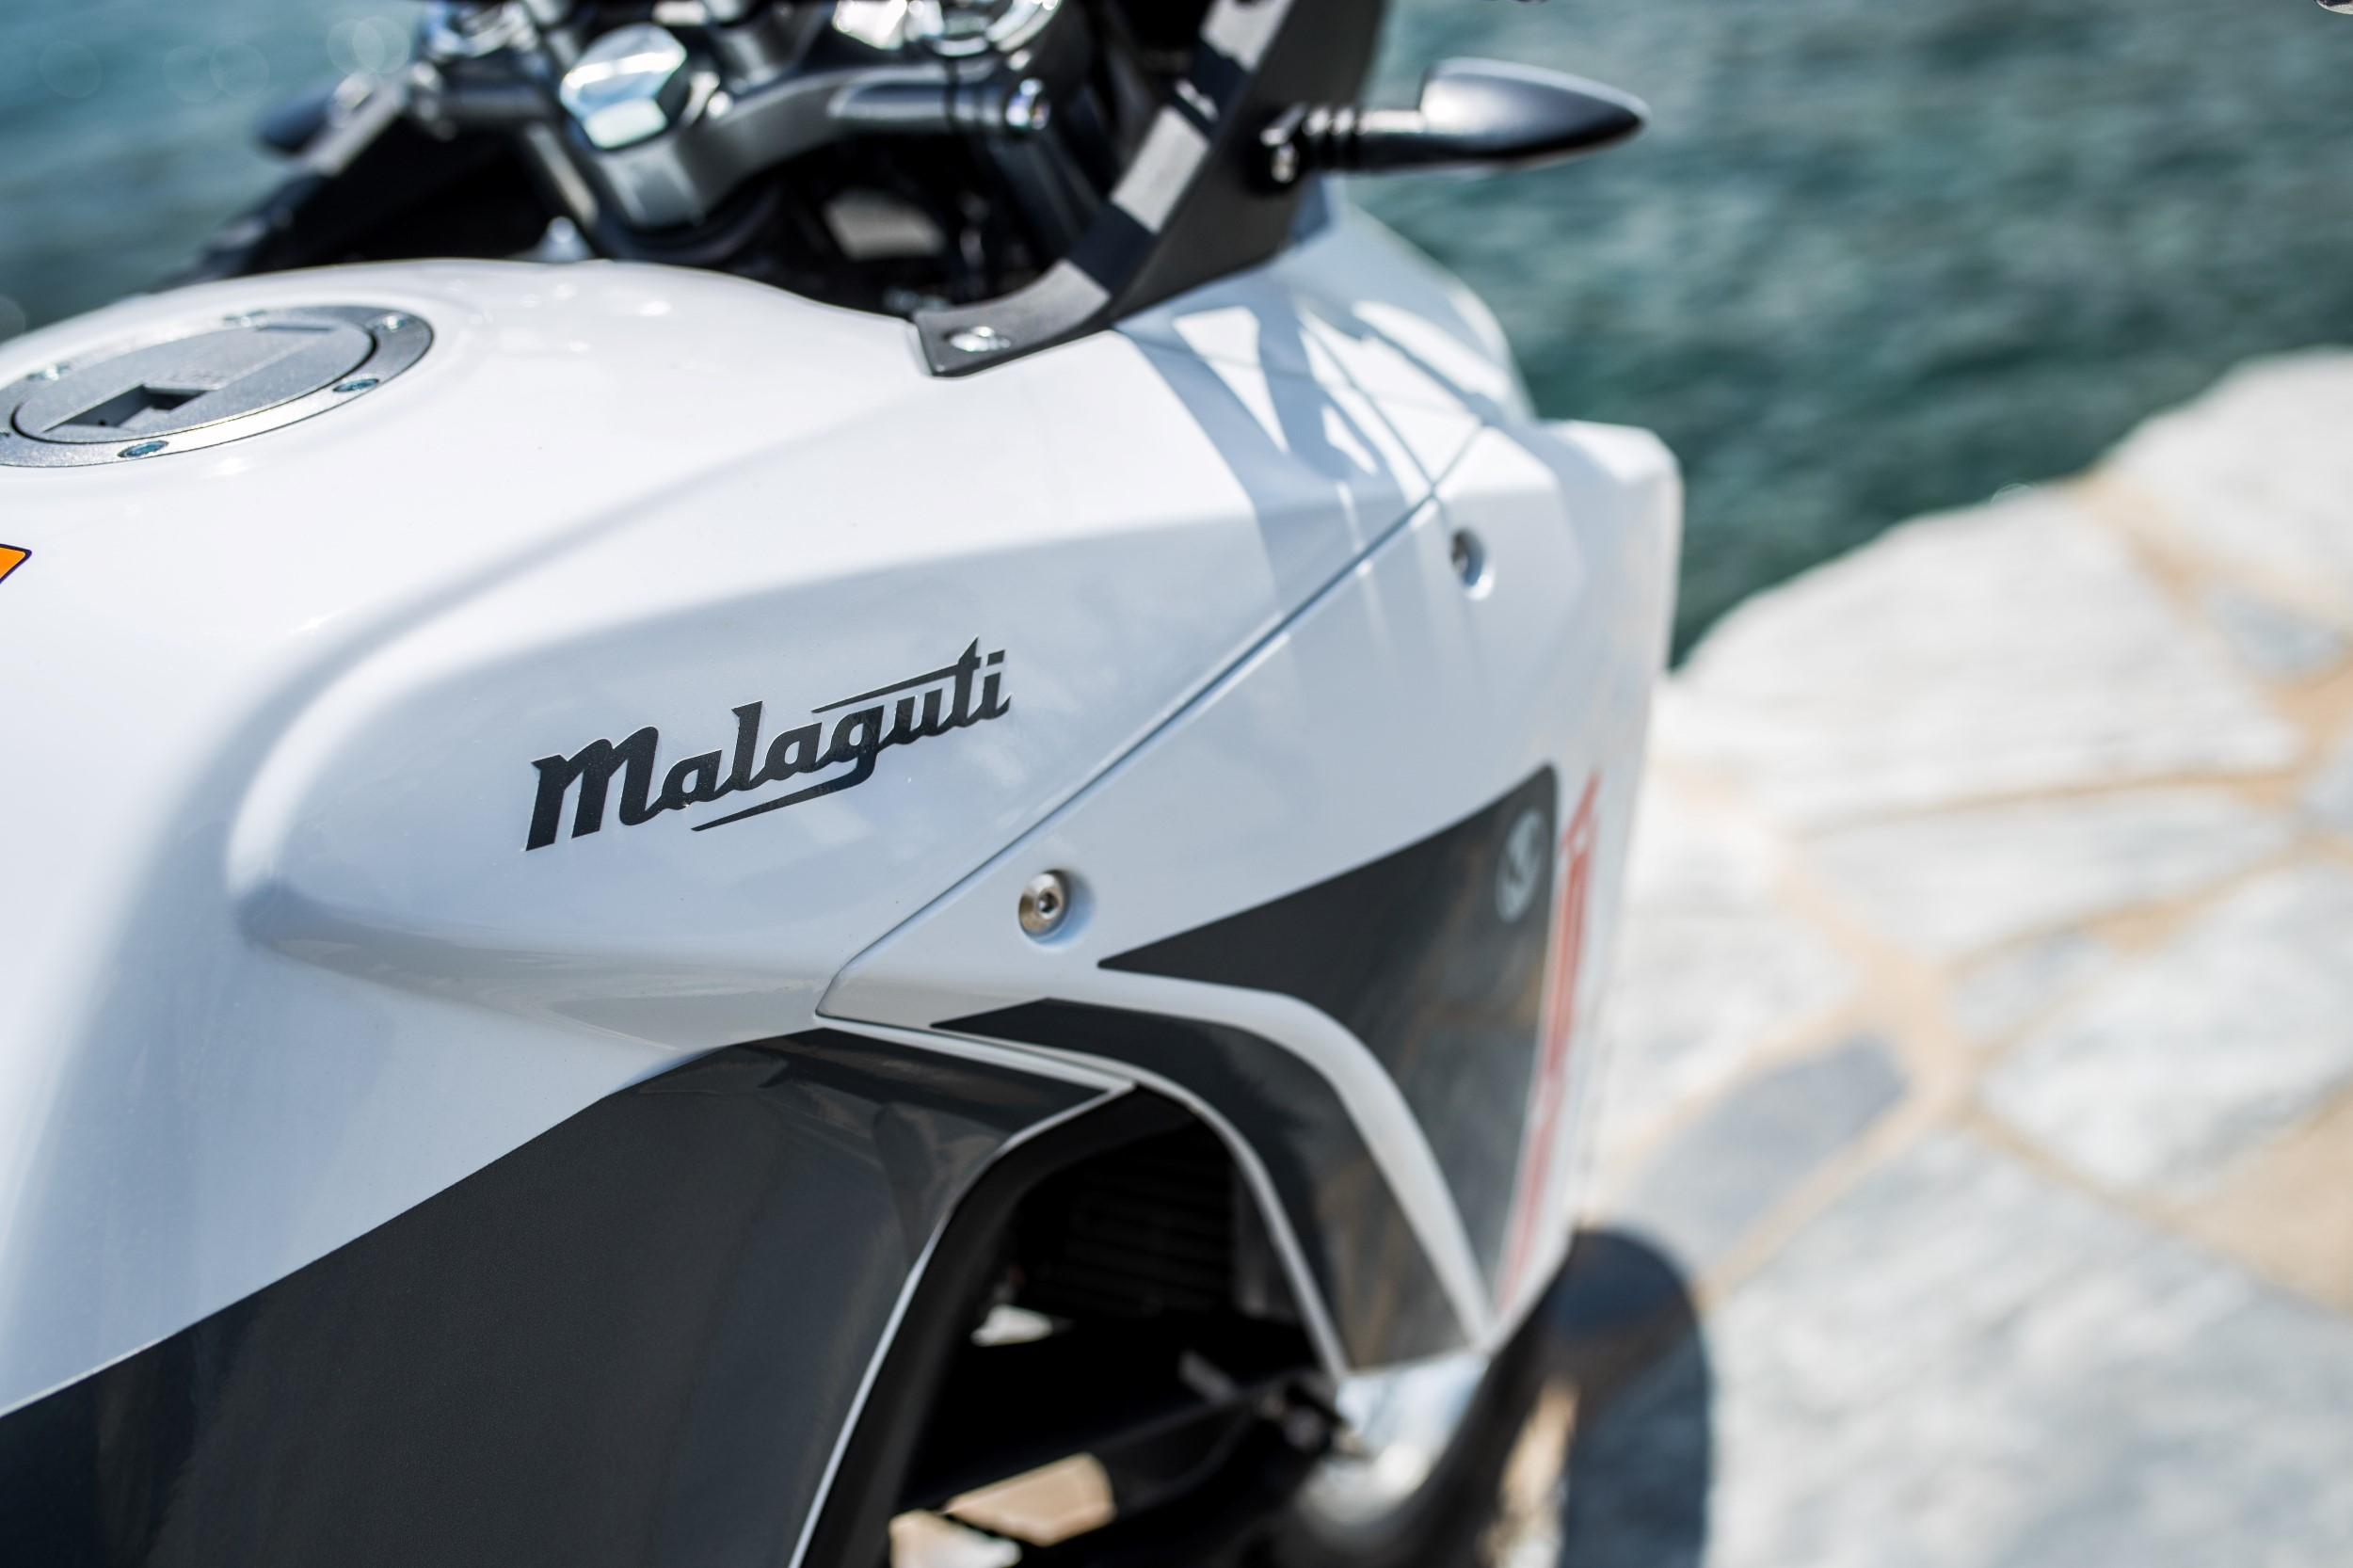 https://malaguti.bike/wp-content/uploads/sites/3/2021/08/dune-tank-detail.jpg